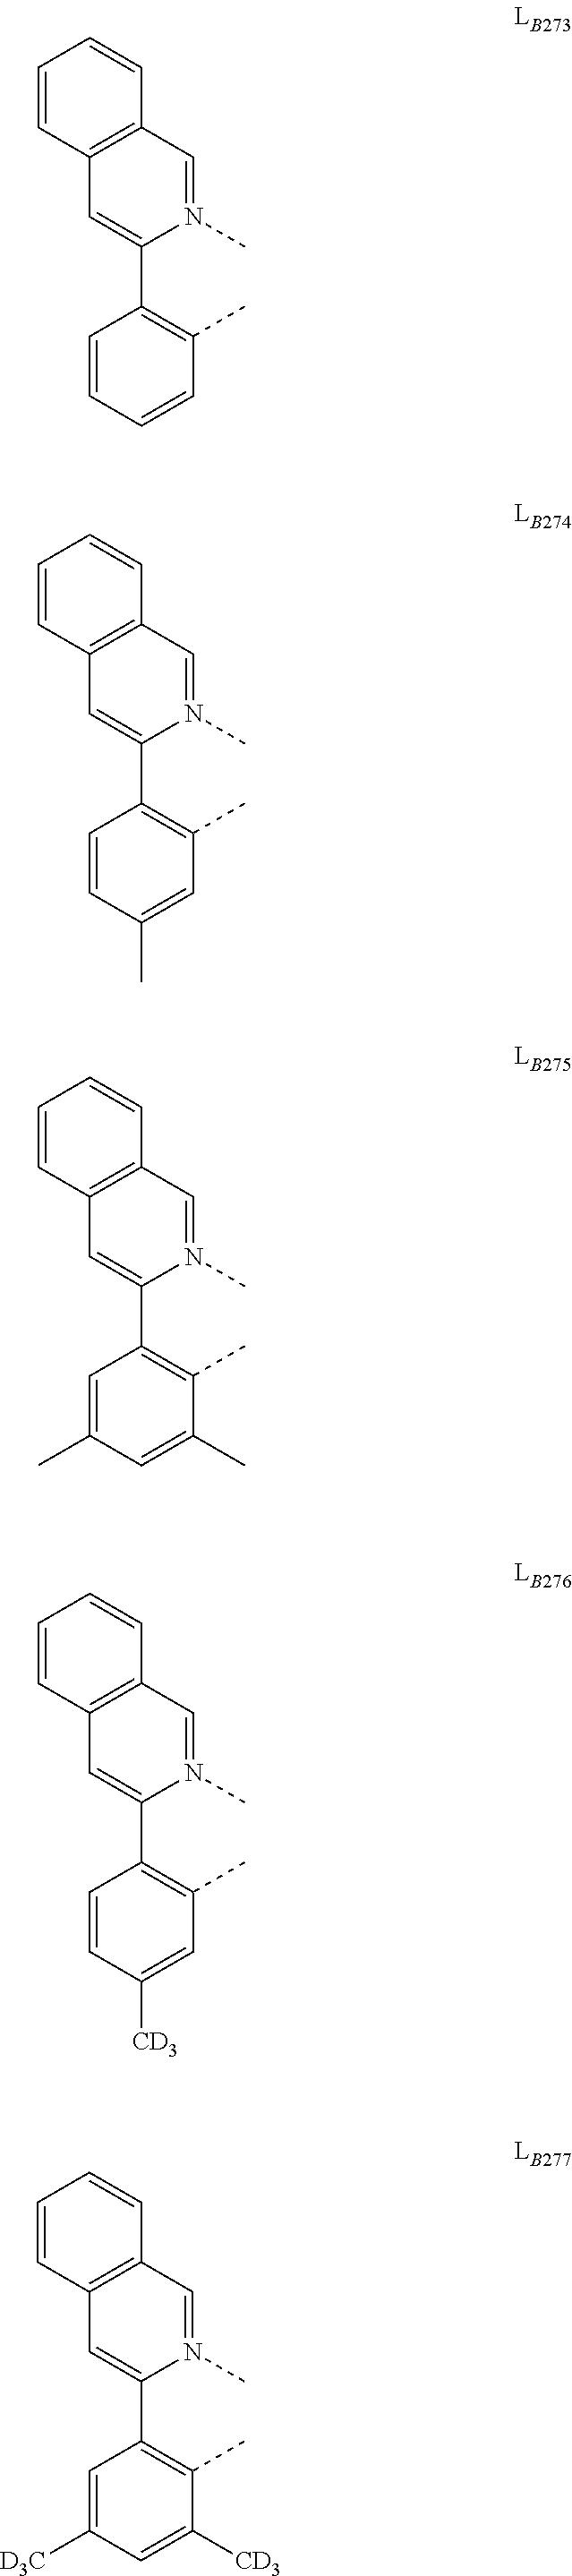 Figure US09929360-20180327-C00099